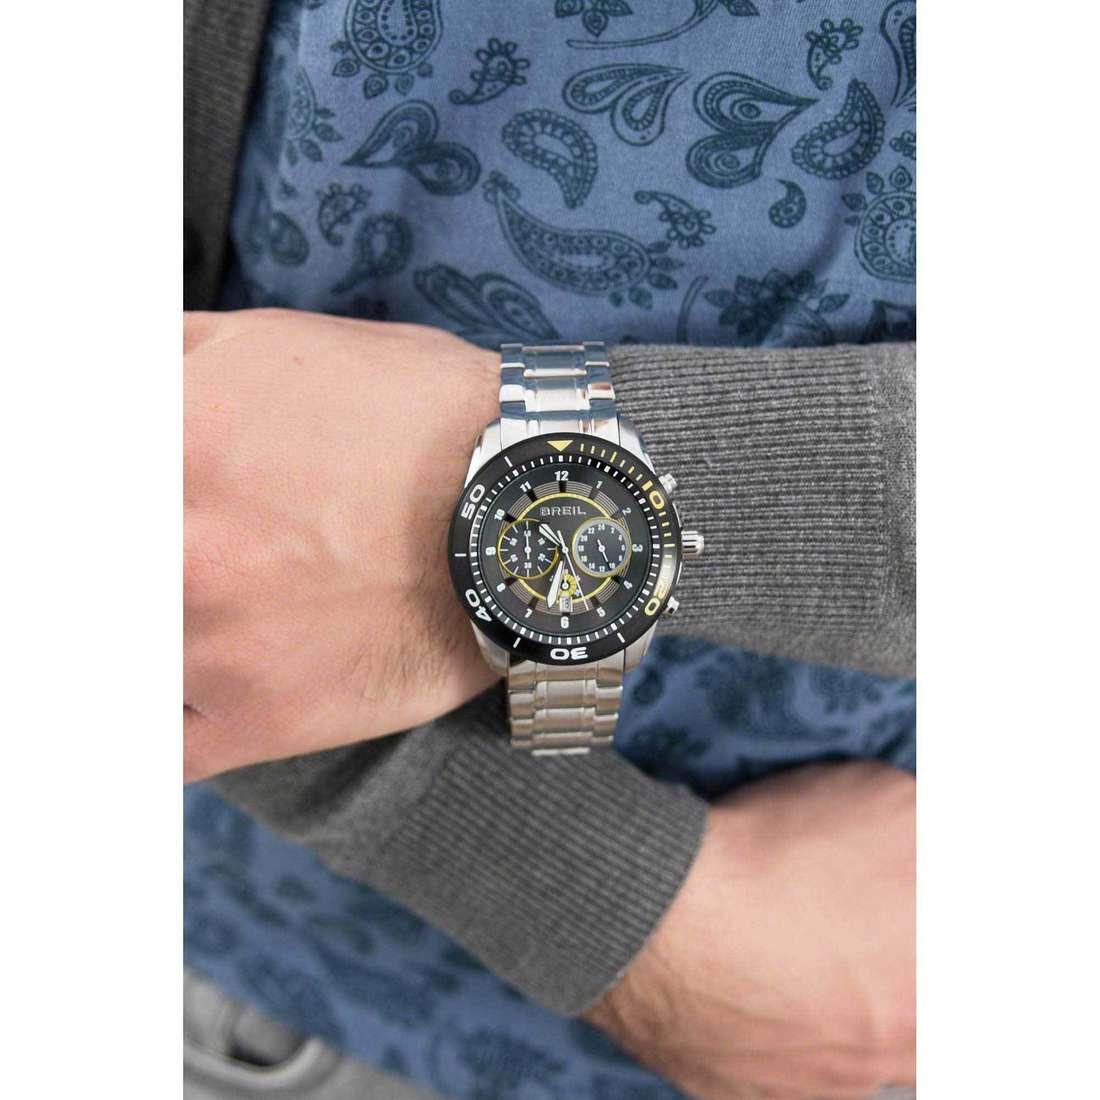 Breil cronografi Edge uomo TW1290 indosso